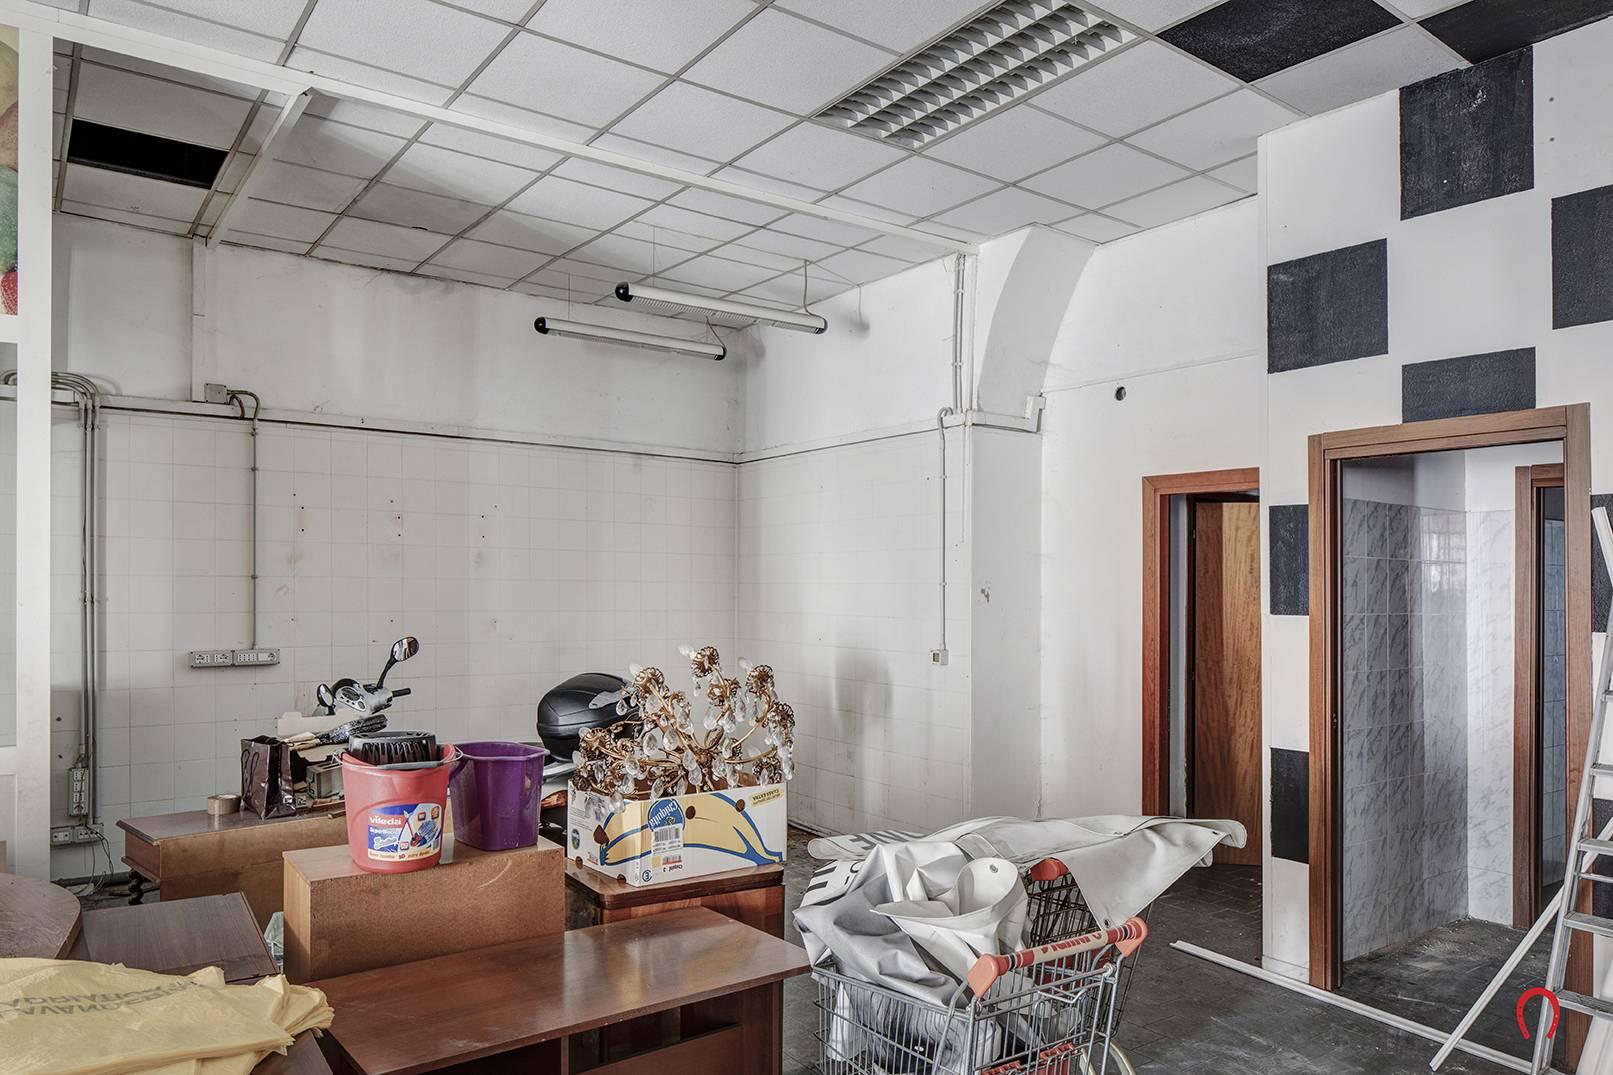 FONDO COMMERCIALE in Affitto a Centro, Trieste (TRIESTE)